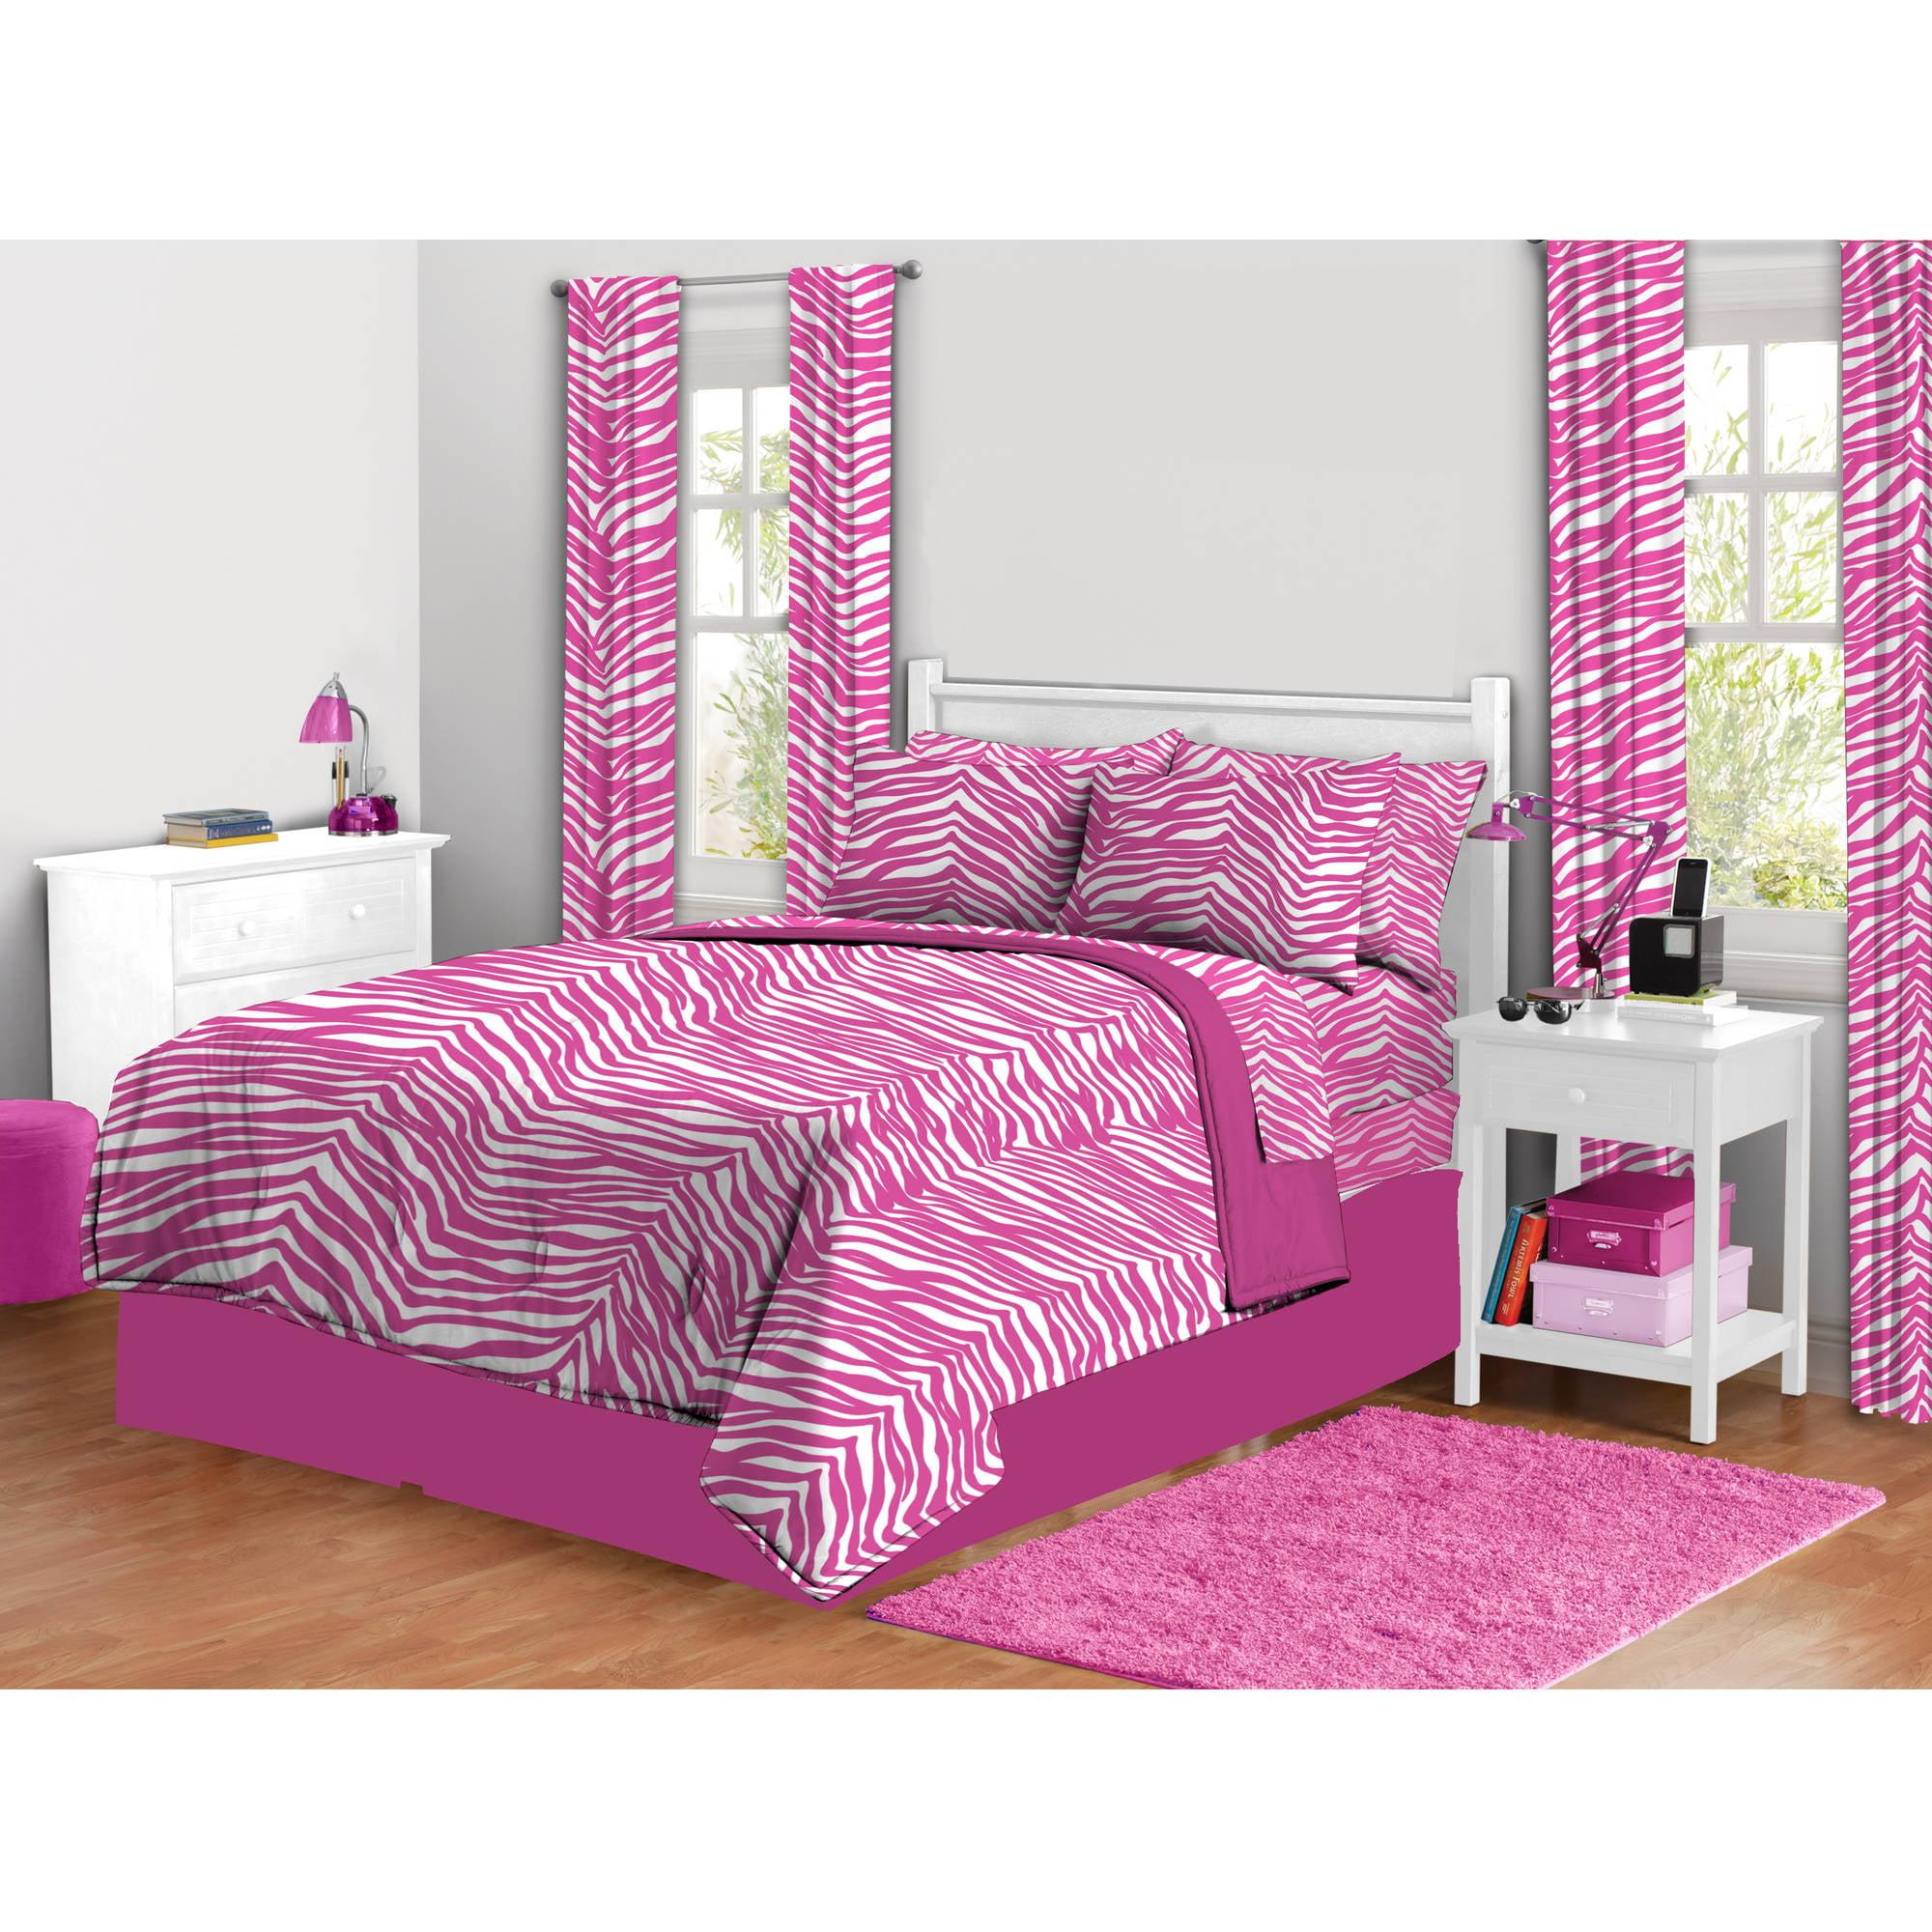 Zebra Print Complete Bed in a Bag Bedding Set